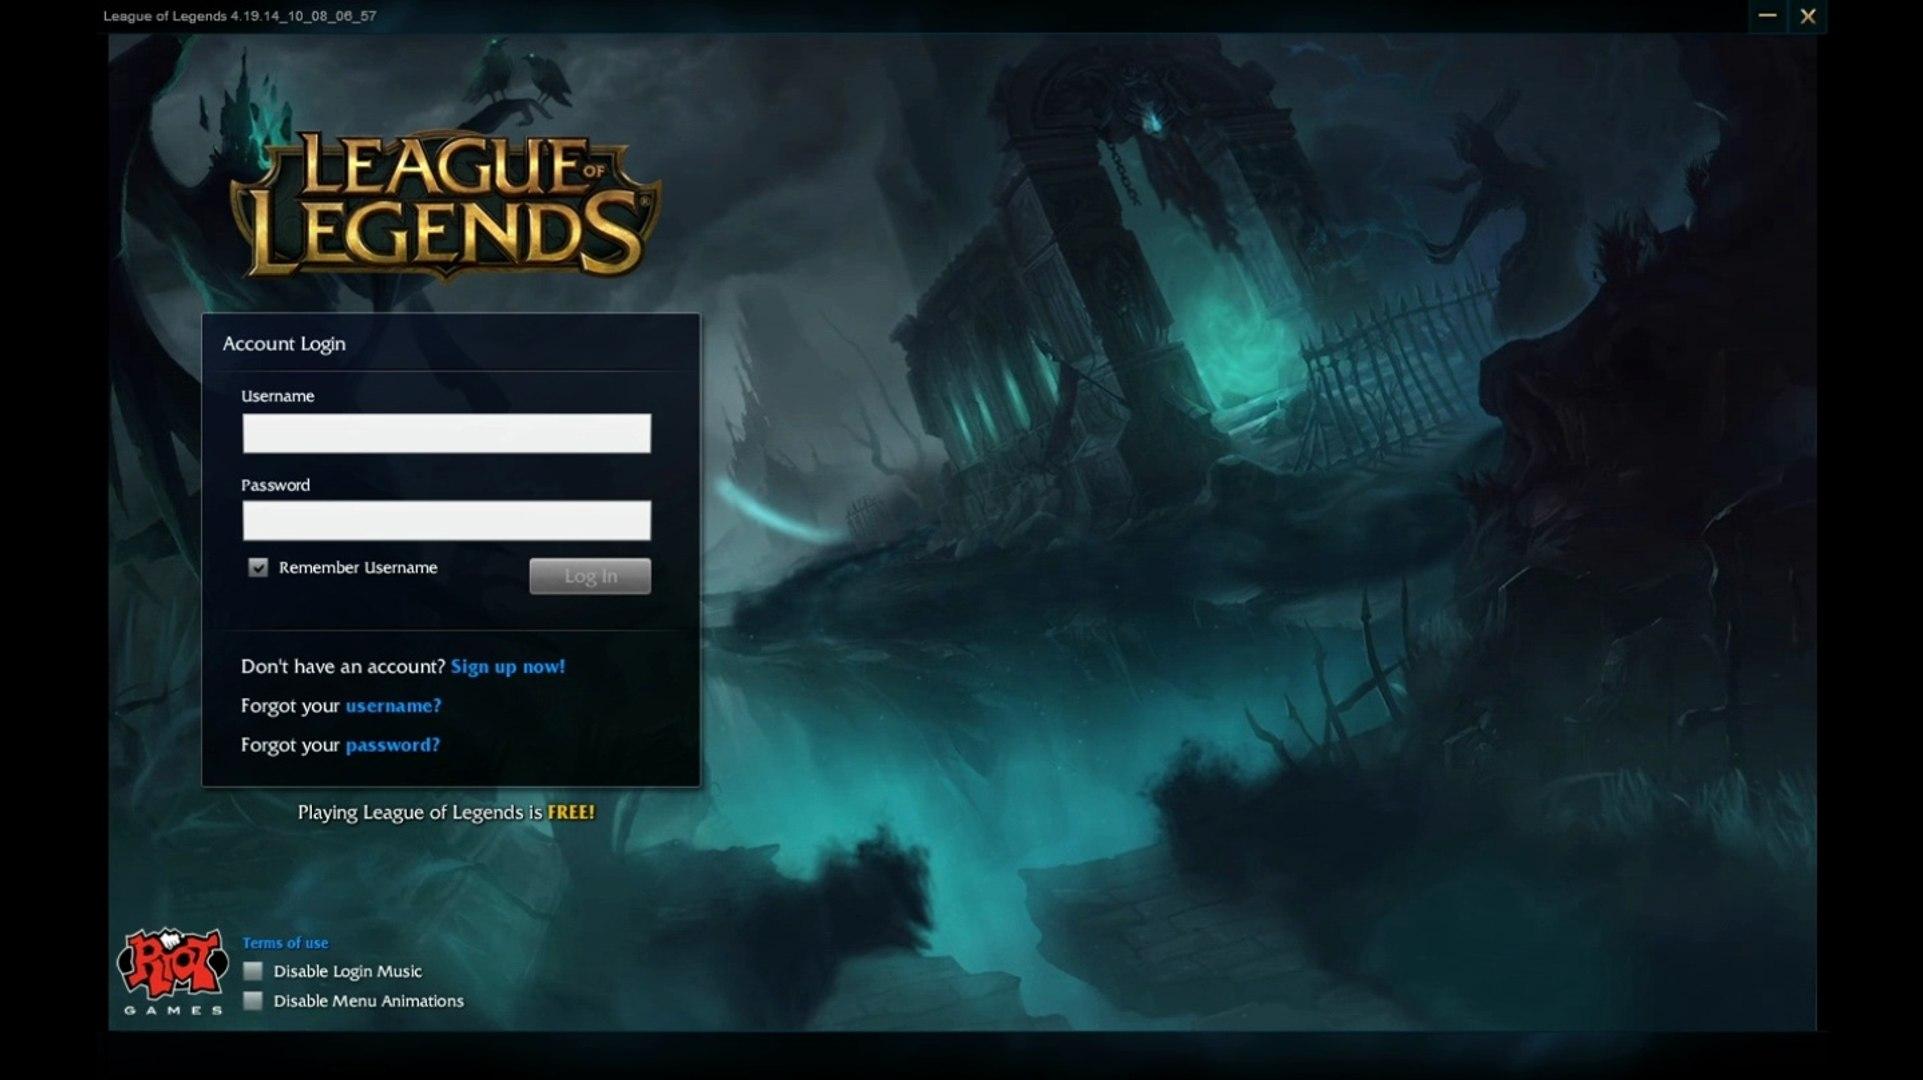 Halloween Login Screen - League of Legends